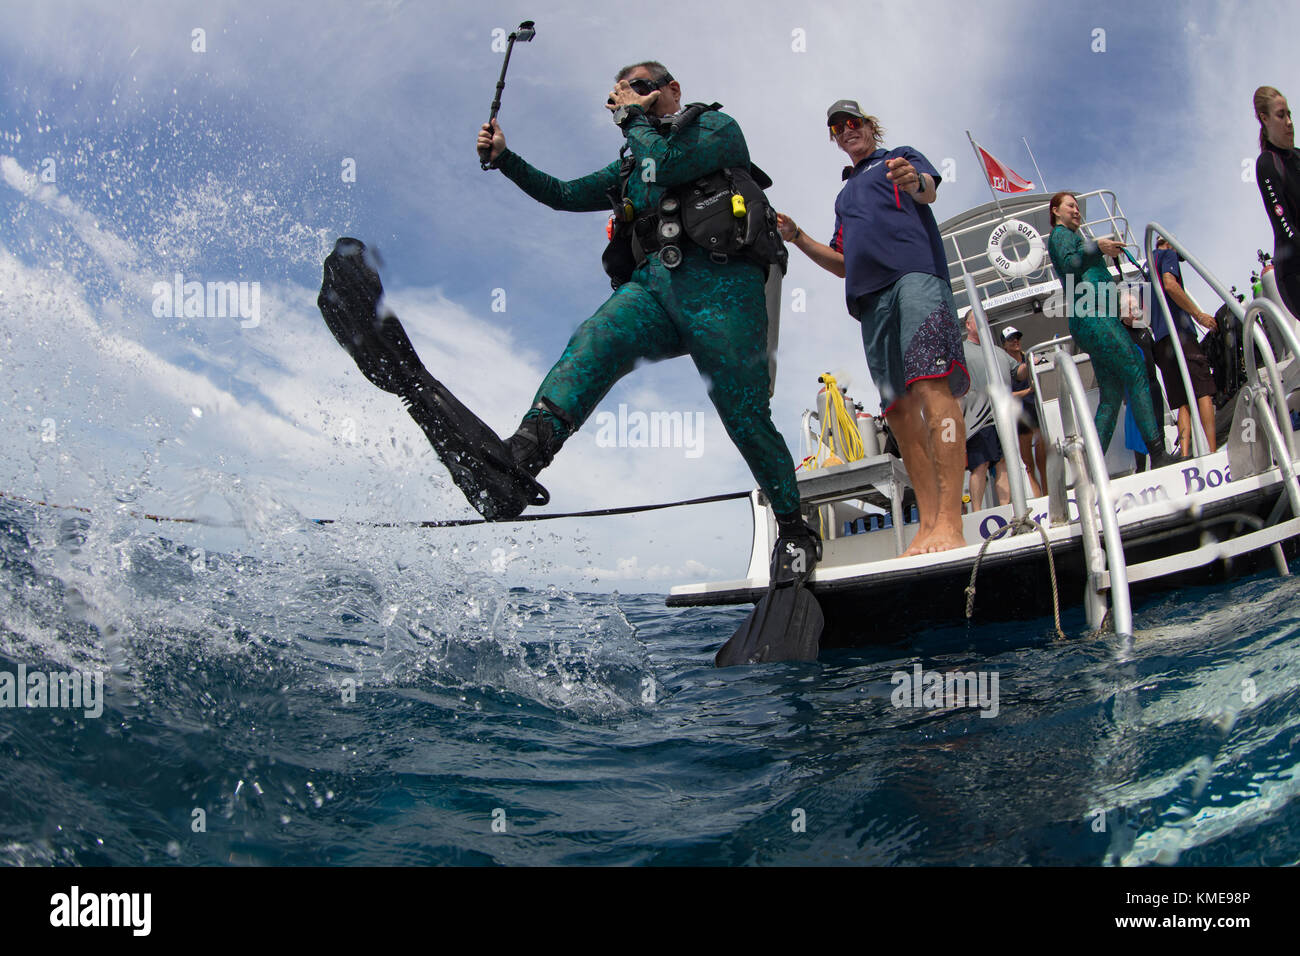 Scuba Diver entra en el agua haciendo zancada gigante. Foto de stock